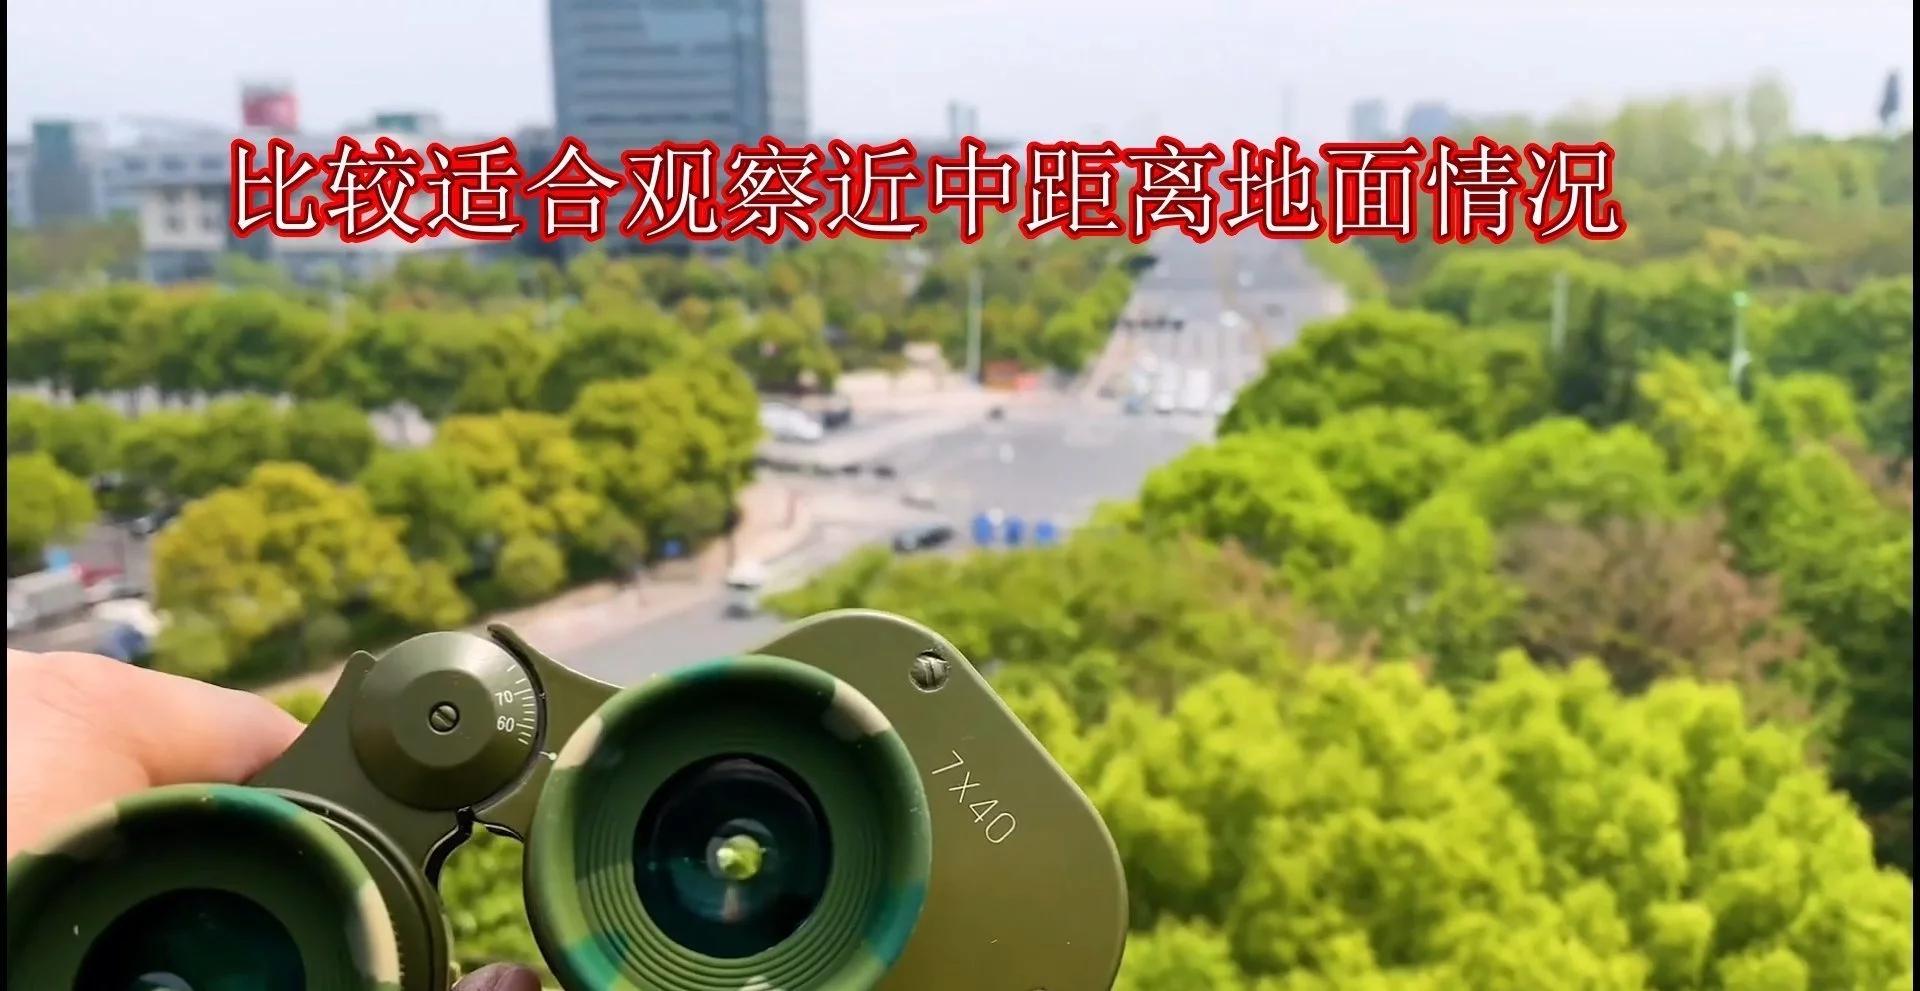 中国望远镜携手夜视仪,双双位列世界一流装备之列